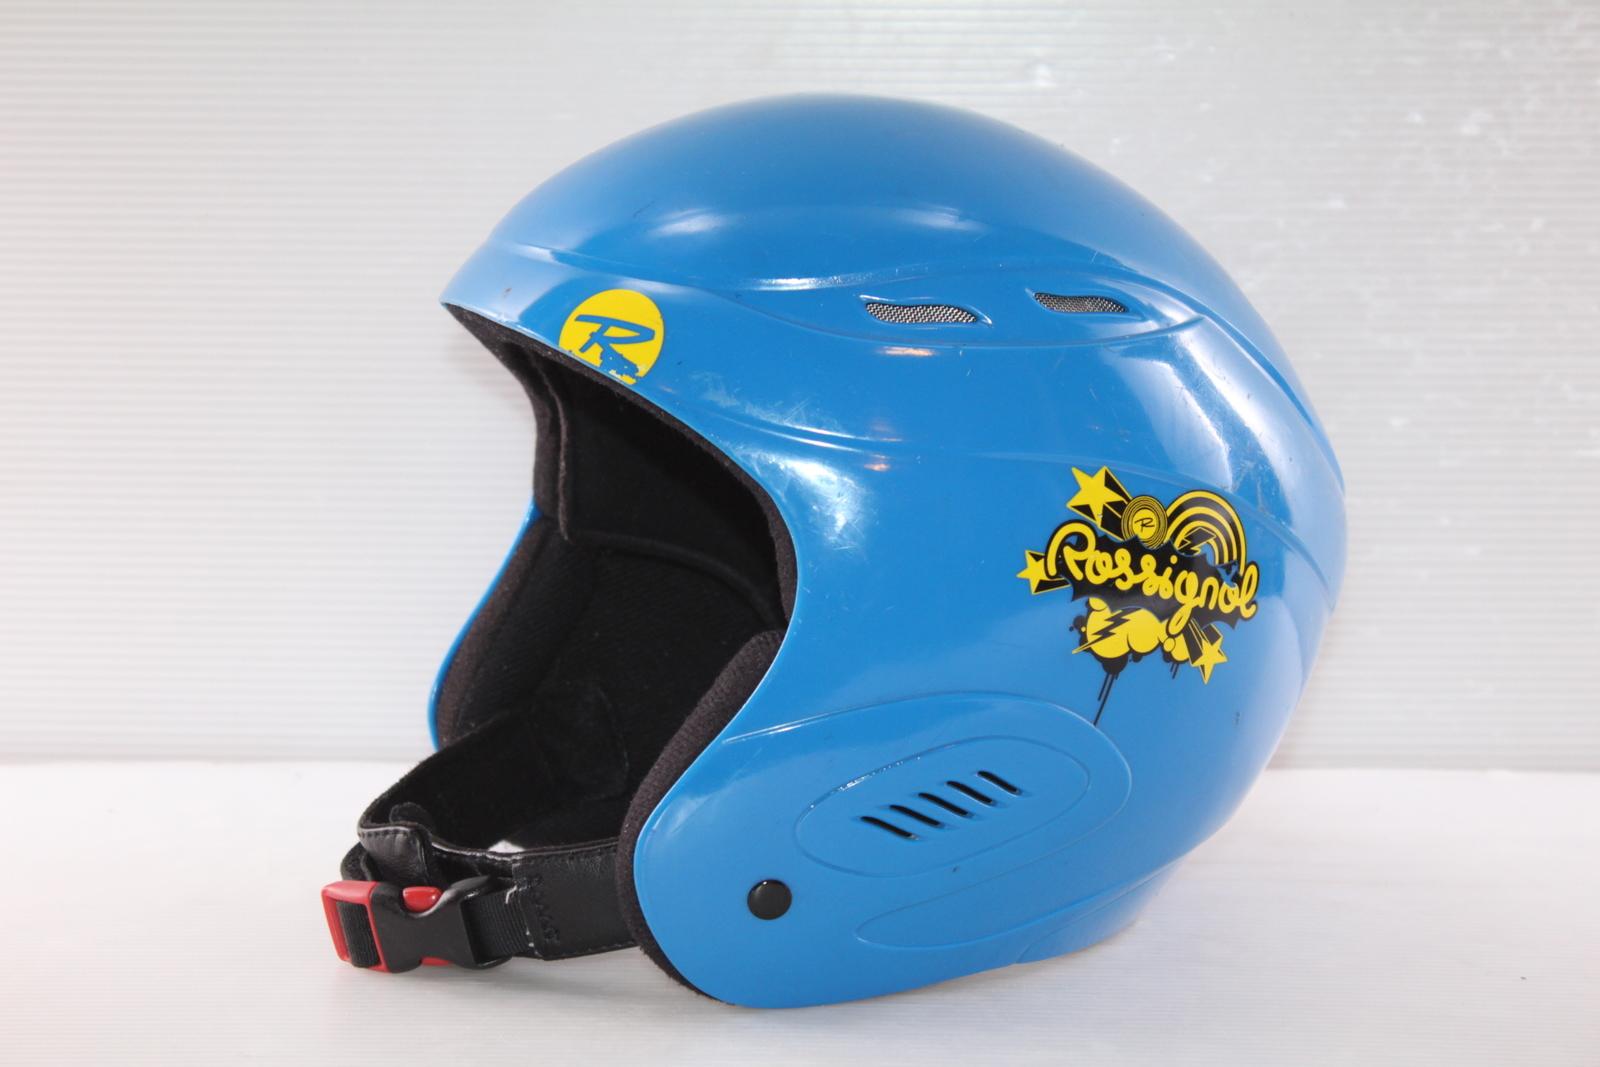 Dětská lyžařská helma Rossignol Comp J vel. 48